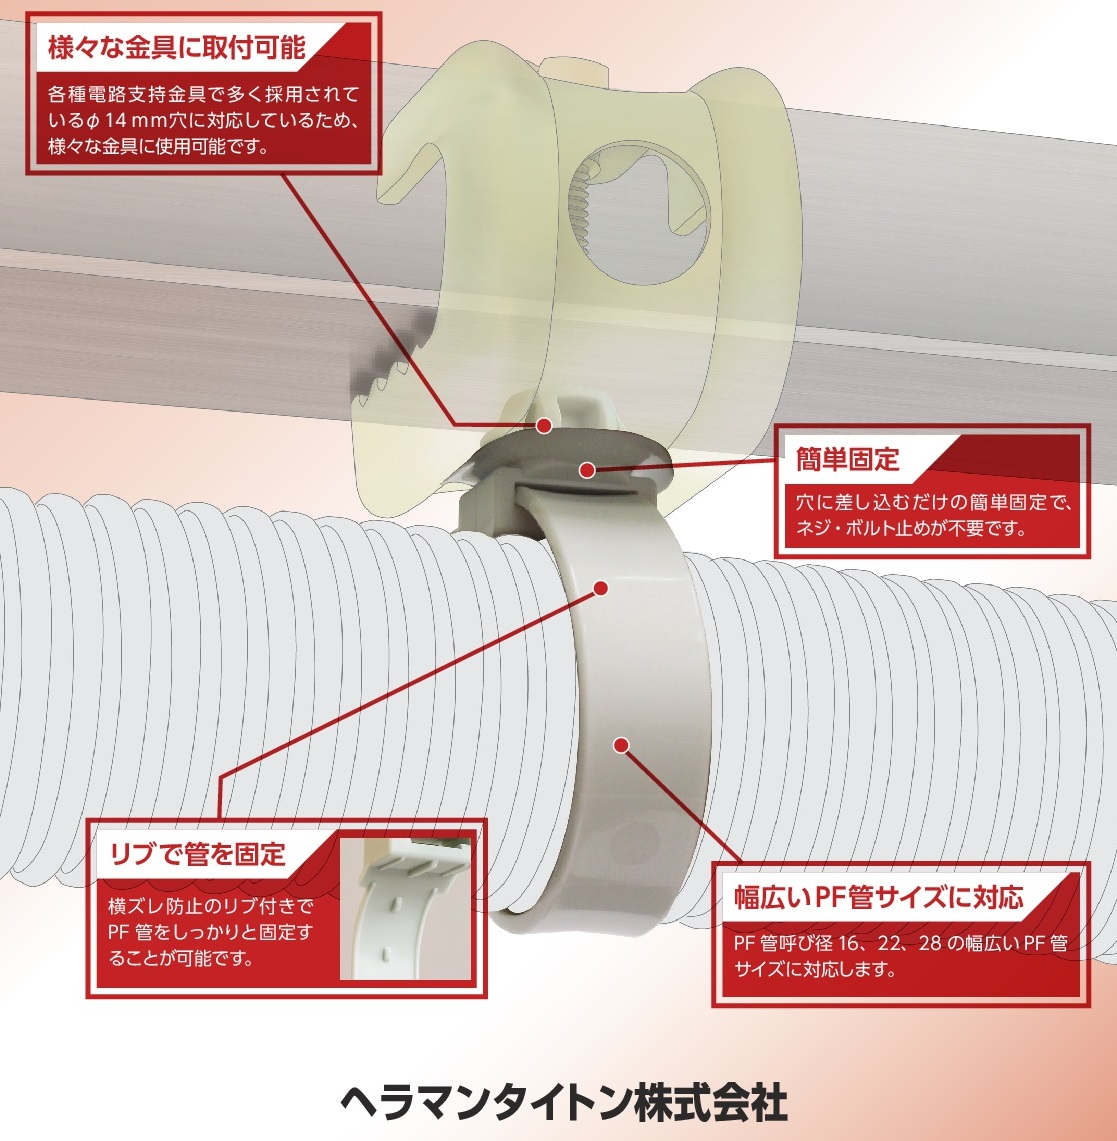 【ヘラマンタイトン】幅広いサイズのPF管を簡単・確実に固定。プッシュマウントタイ新発売の画像